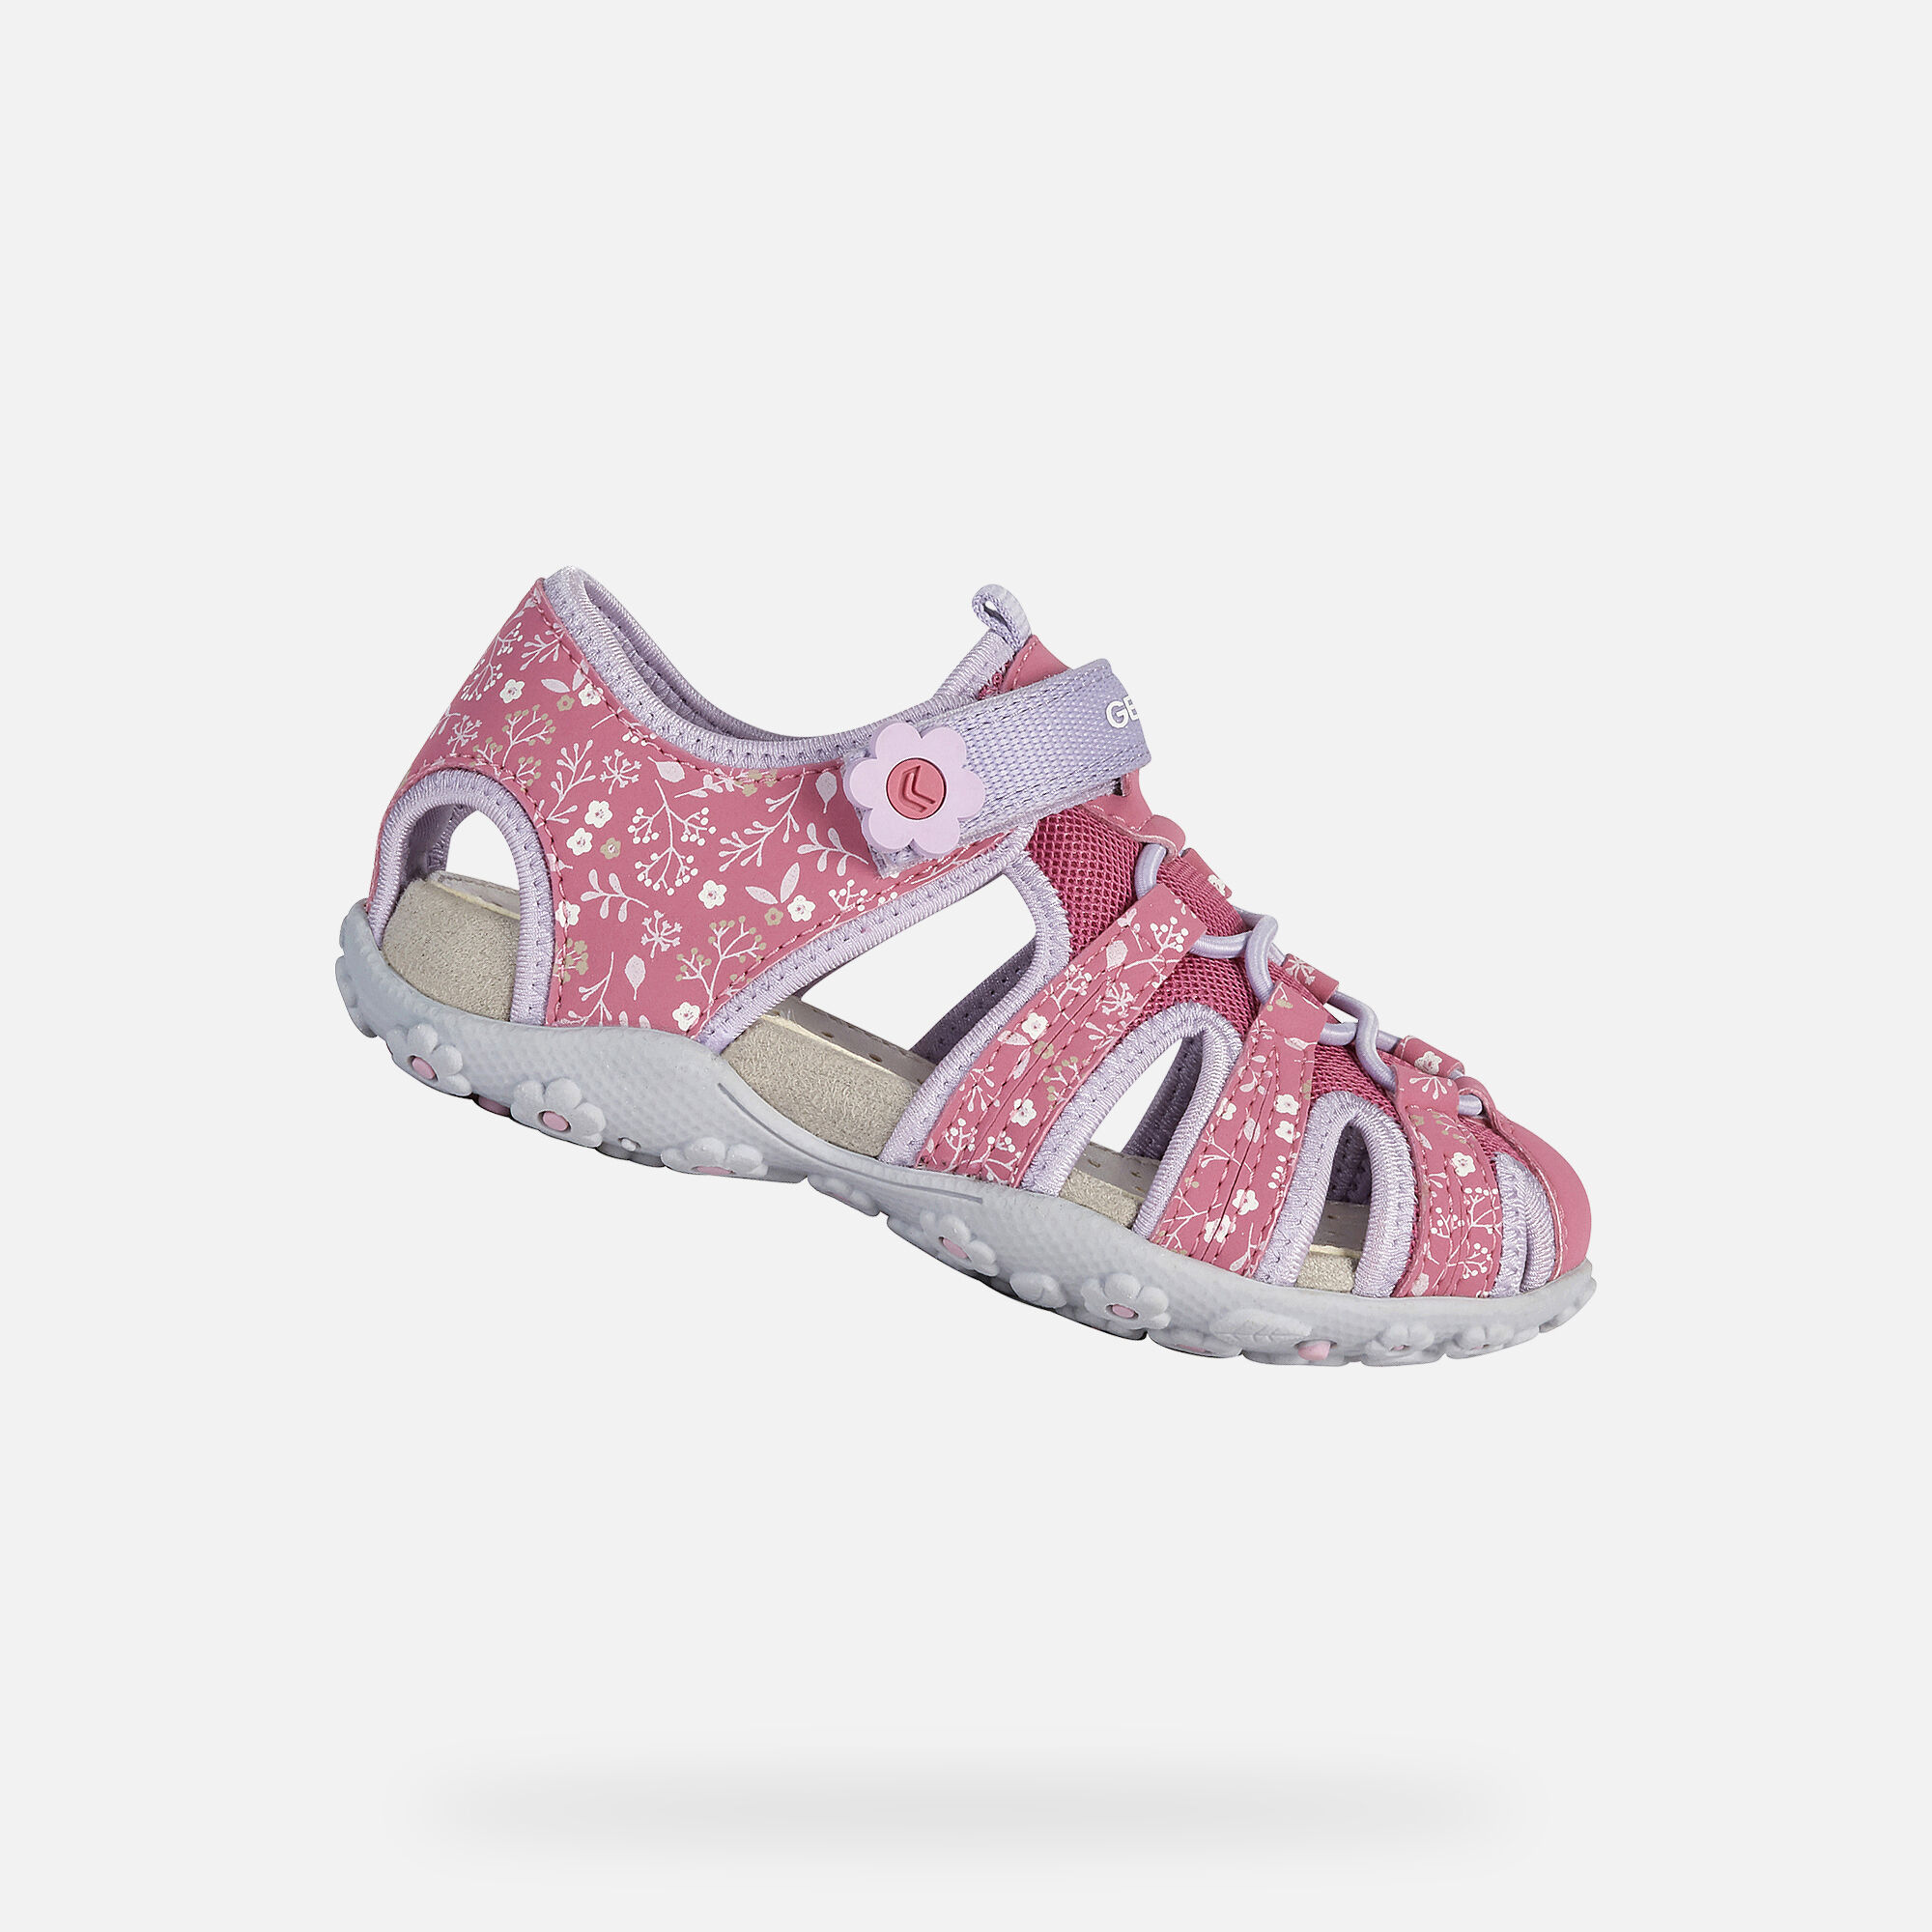 Geox Girl's 'Roxanne' Fuchsia Sandal